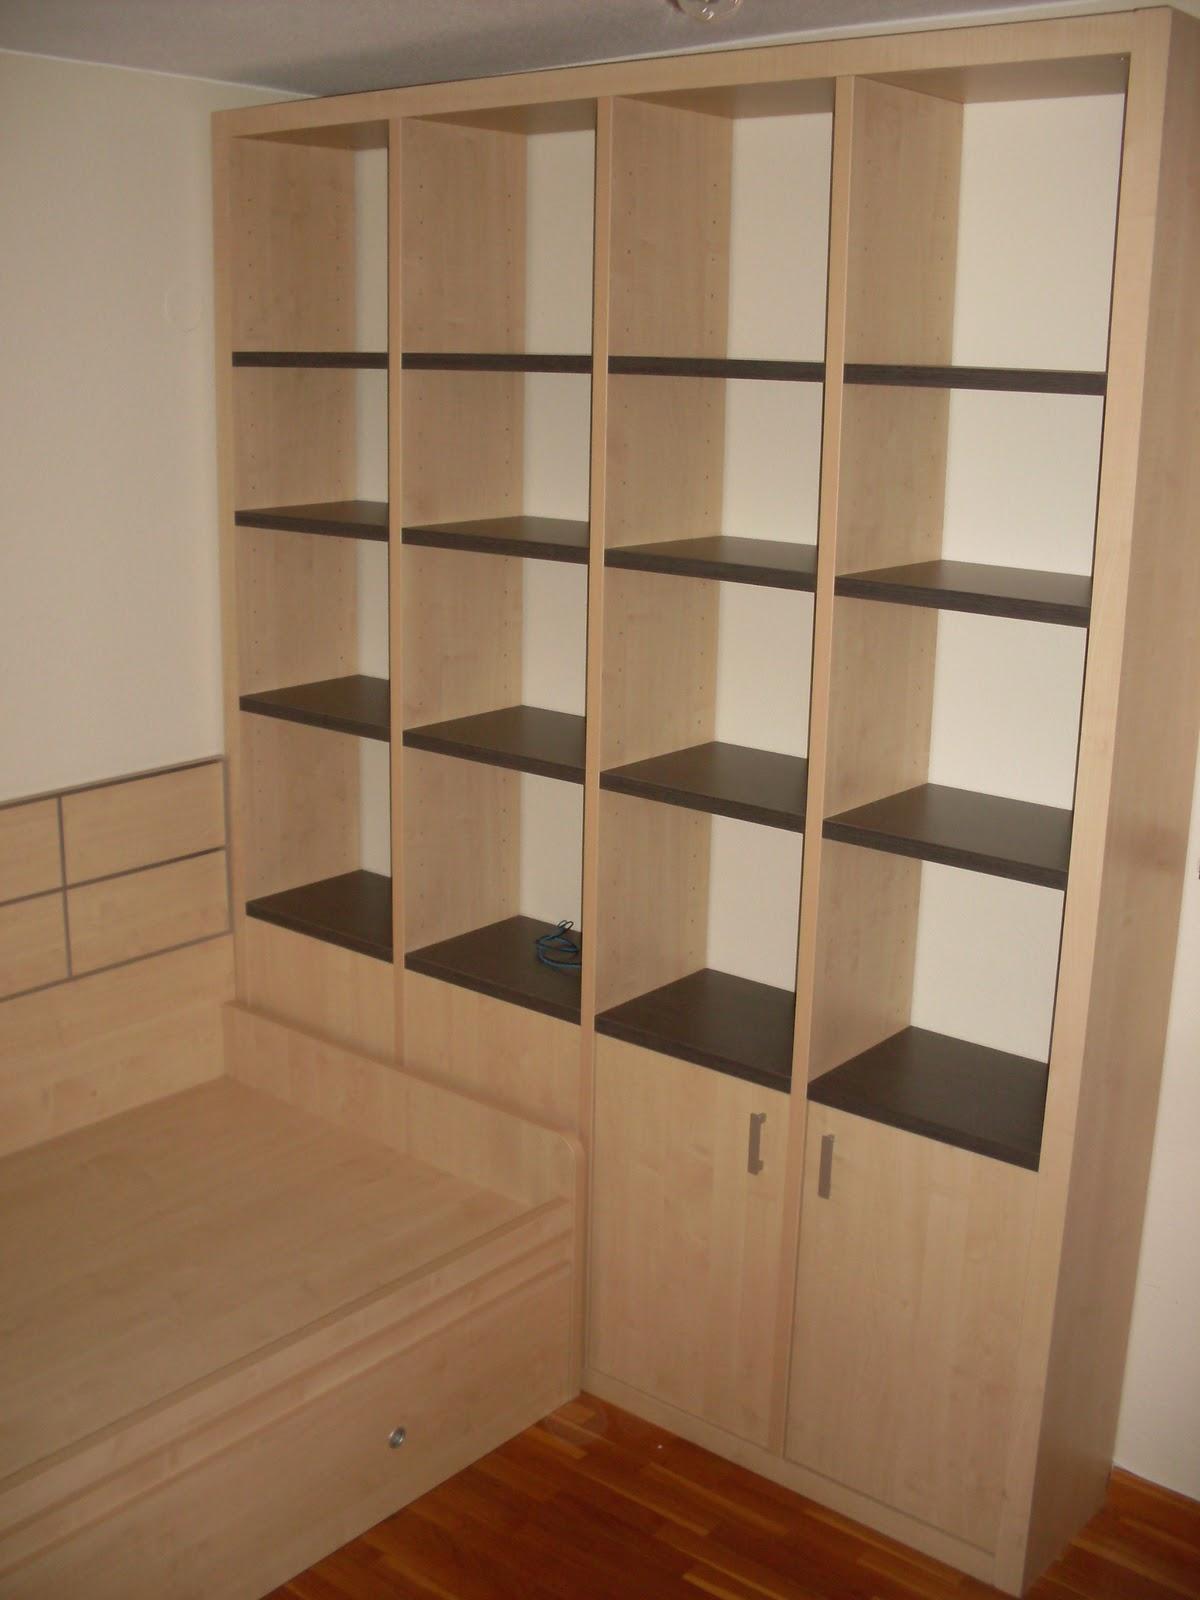 Luis ngel mueblista decorador mueble juvenil y mueble a for Muebles para libros